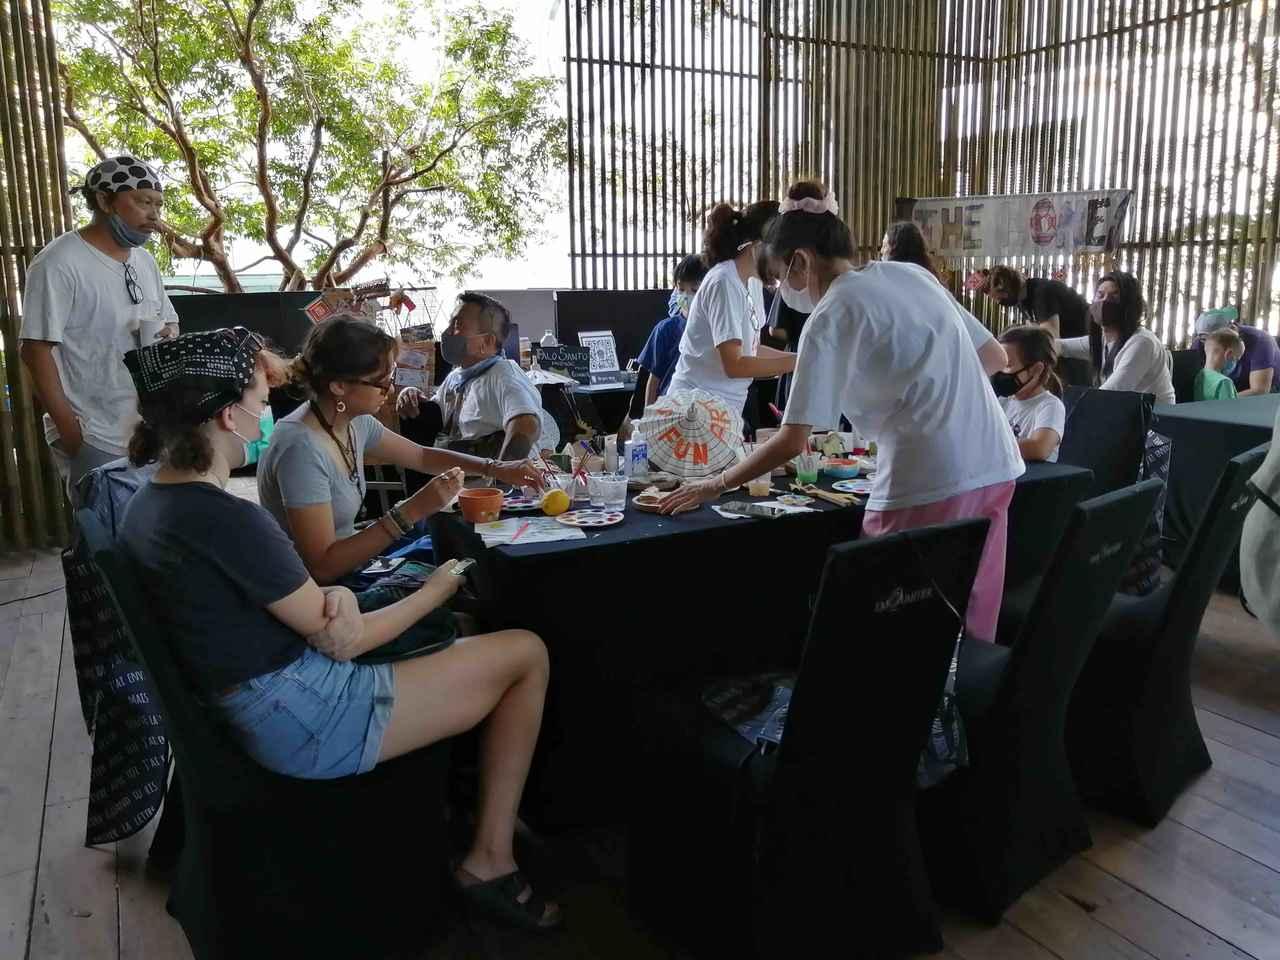 画像8: ナチュラル好きなバンコキアンが集まるグリーンイベント